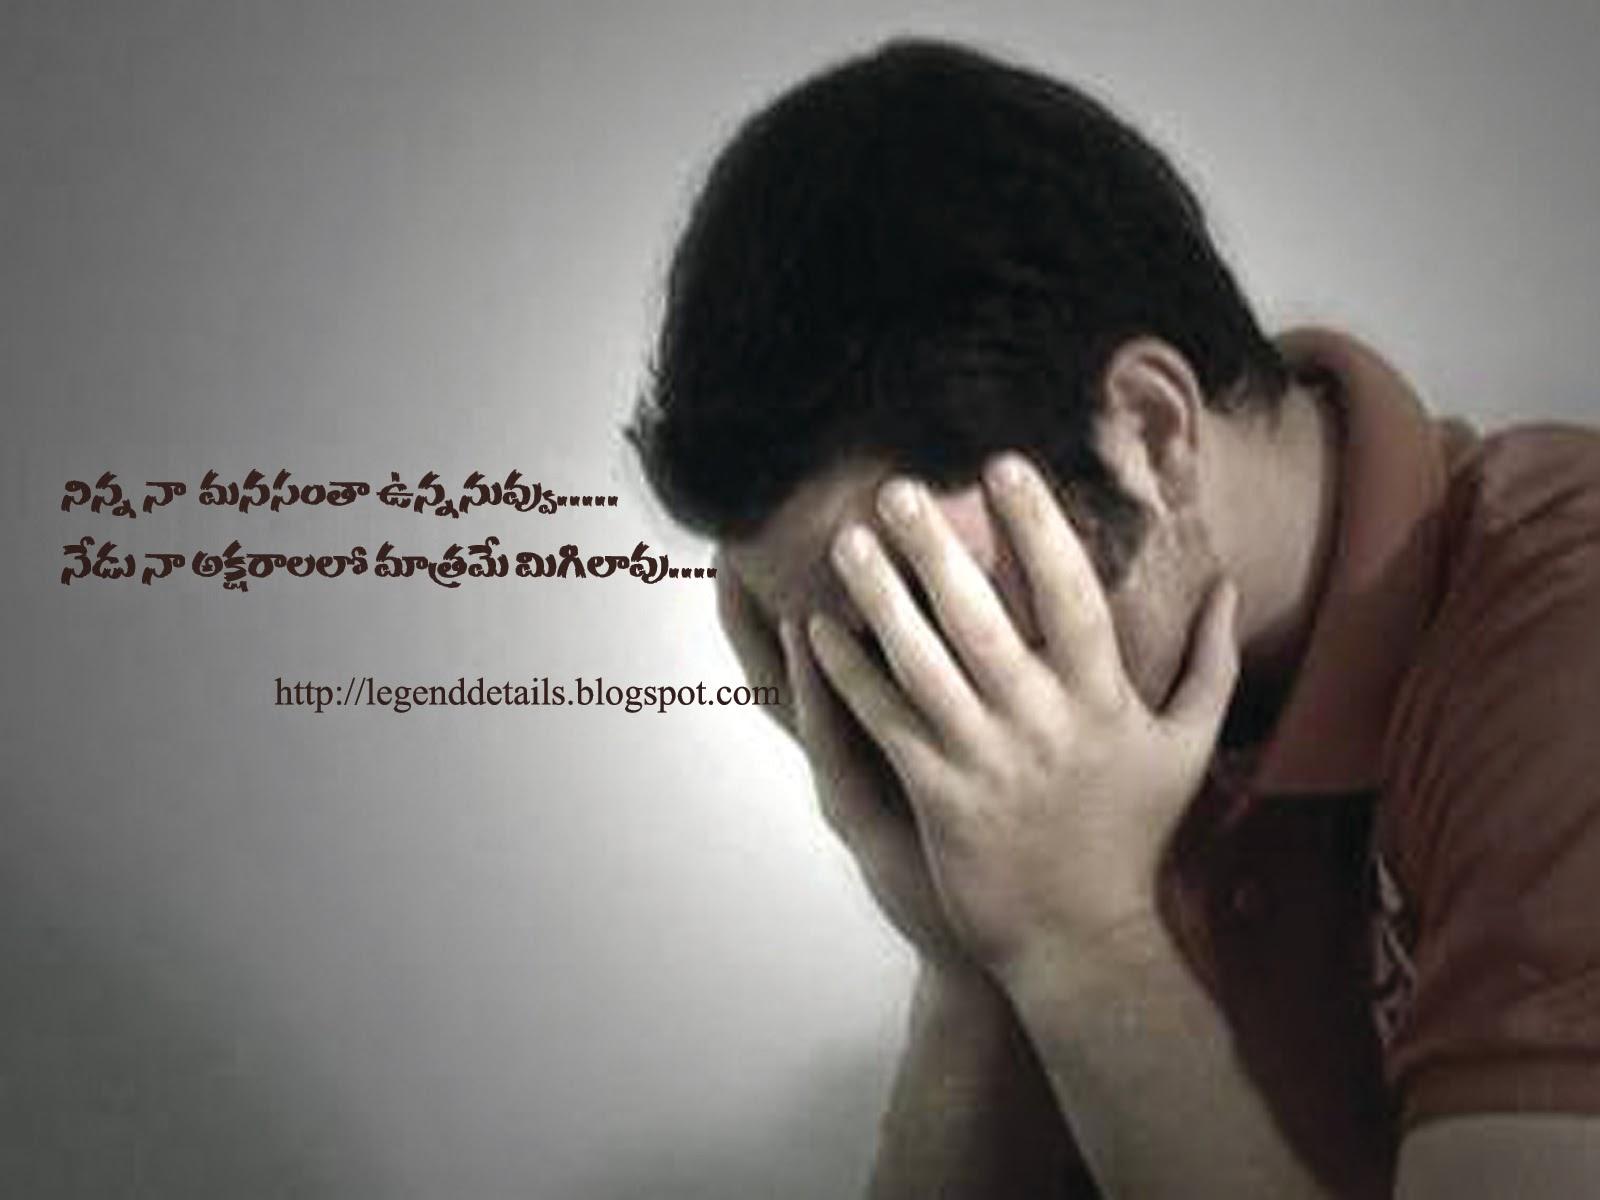 Deep Sad Love Quotes In Telugu Legendary Quotes